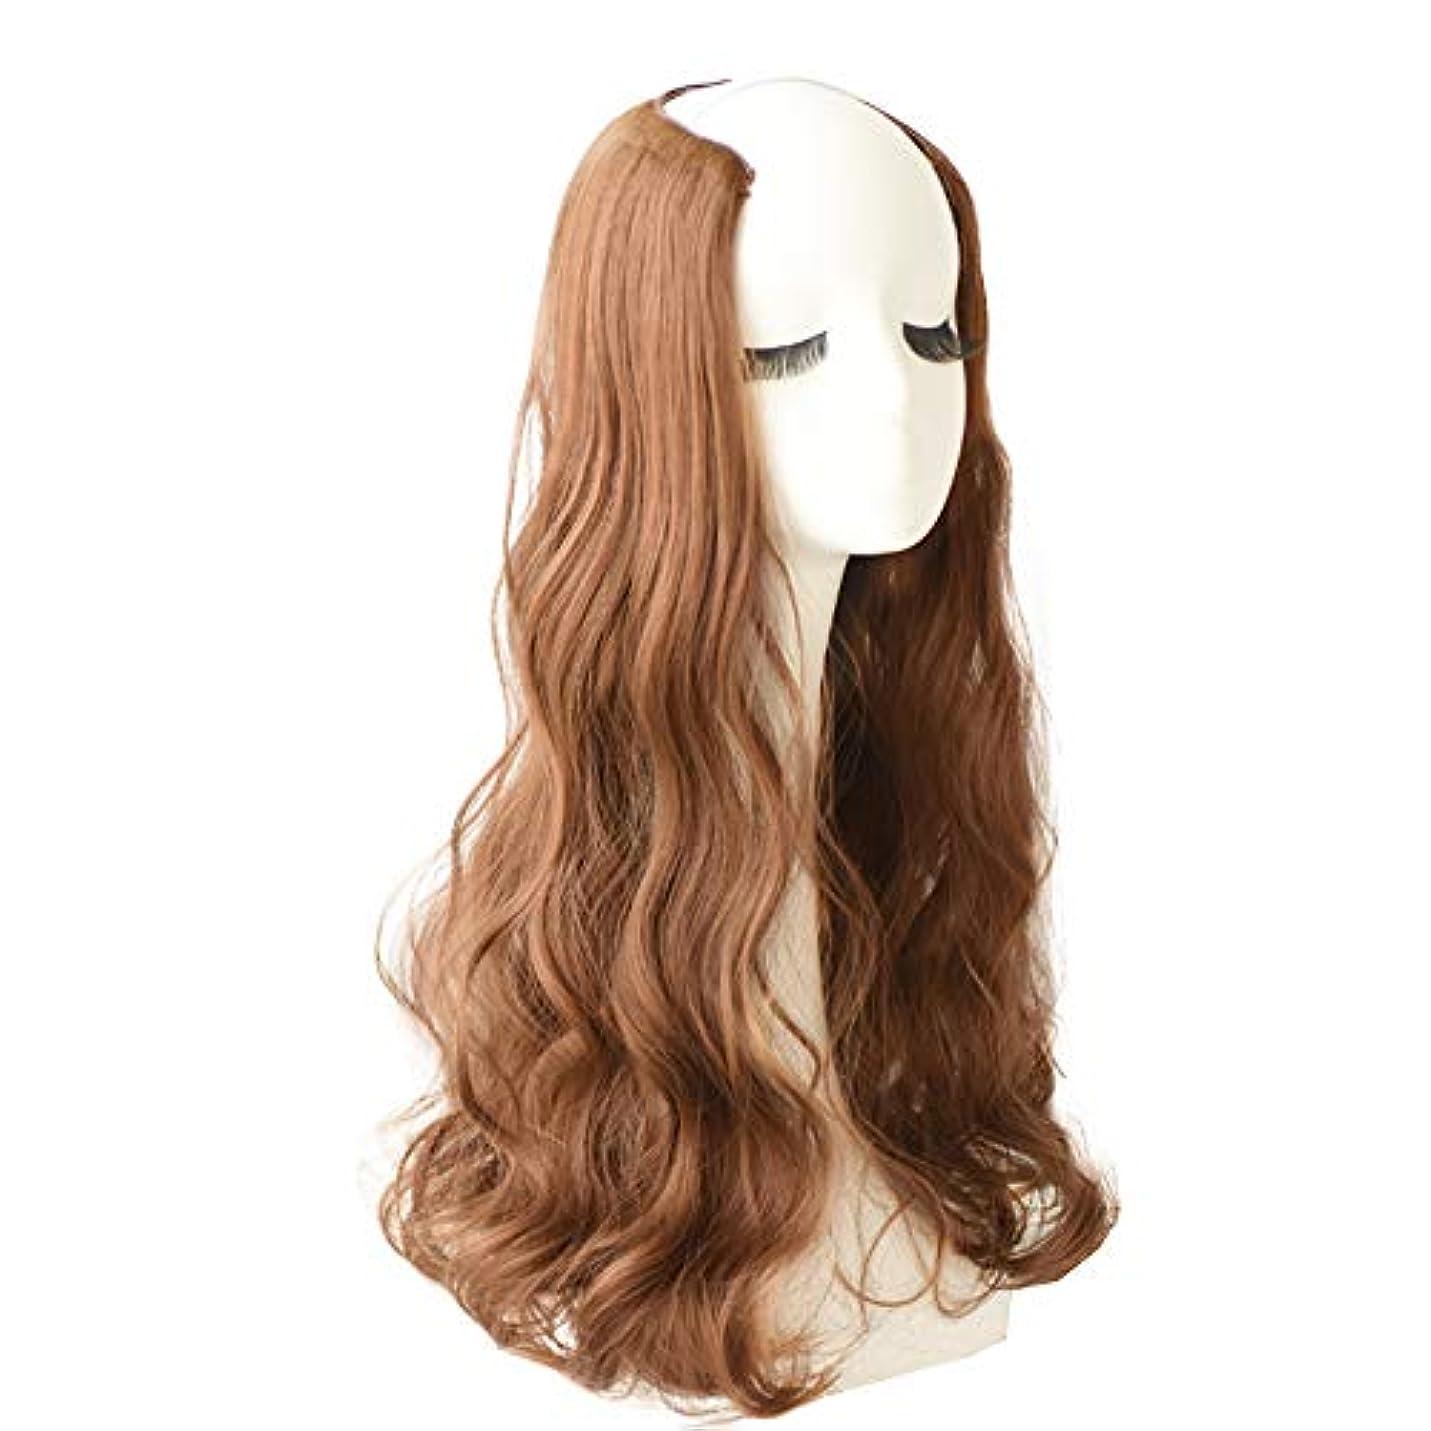 寛大ないわゆるオーチャードフルヘッドカーリーウェーブインエクステンションヘアピース女性用新Vタイプヘアエクステンション小さいサイズと、頭皮の通気性が強い